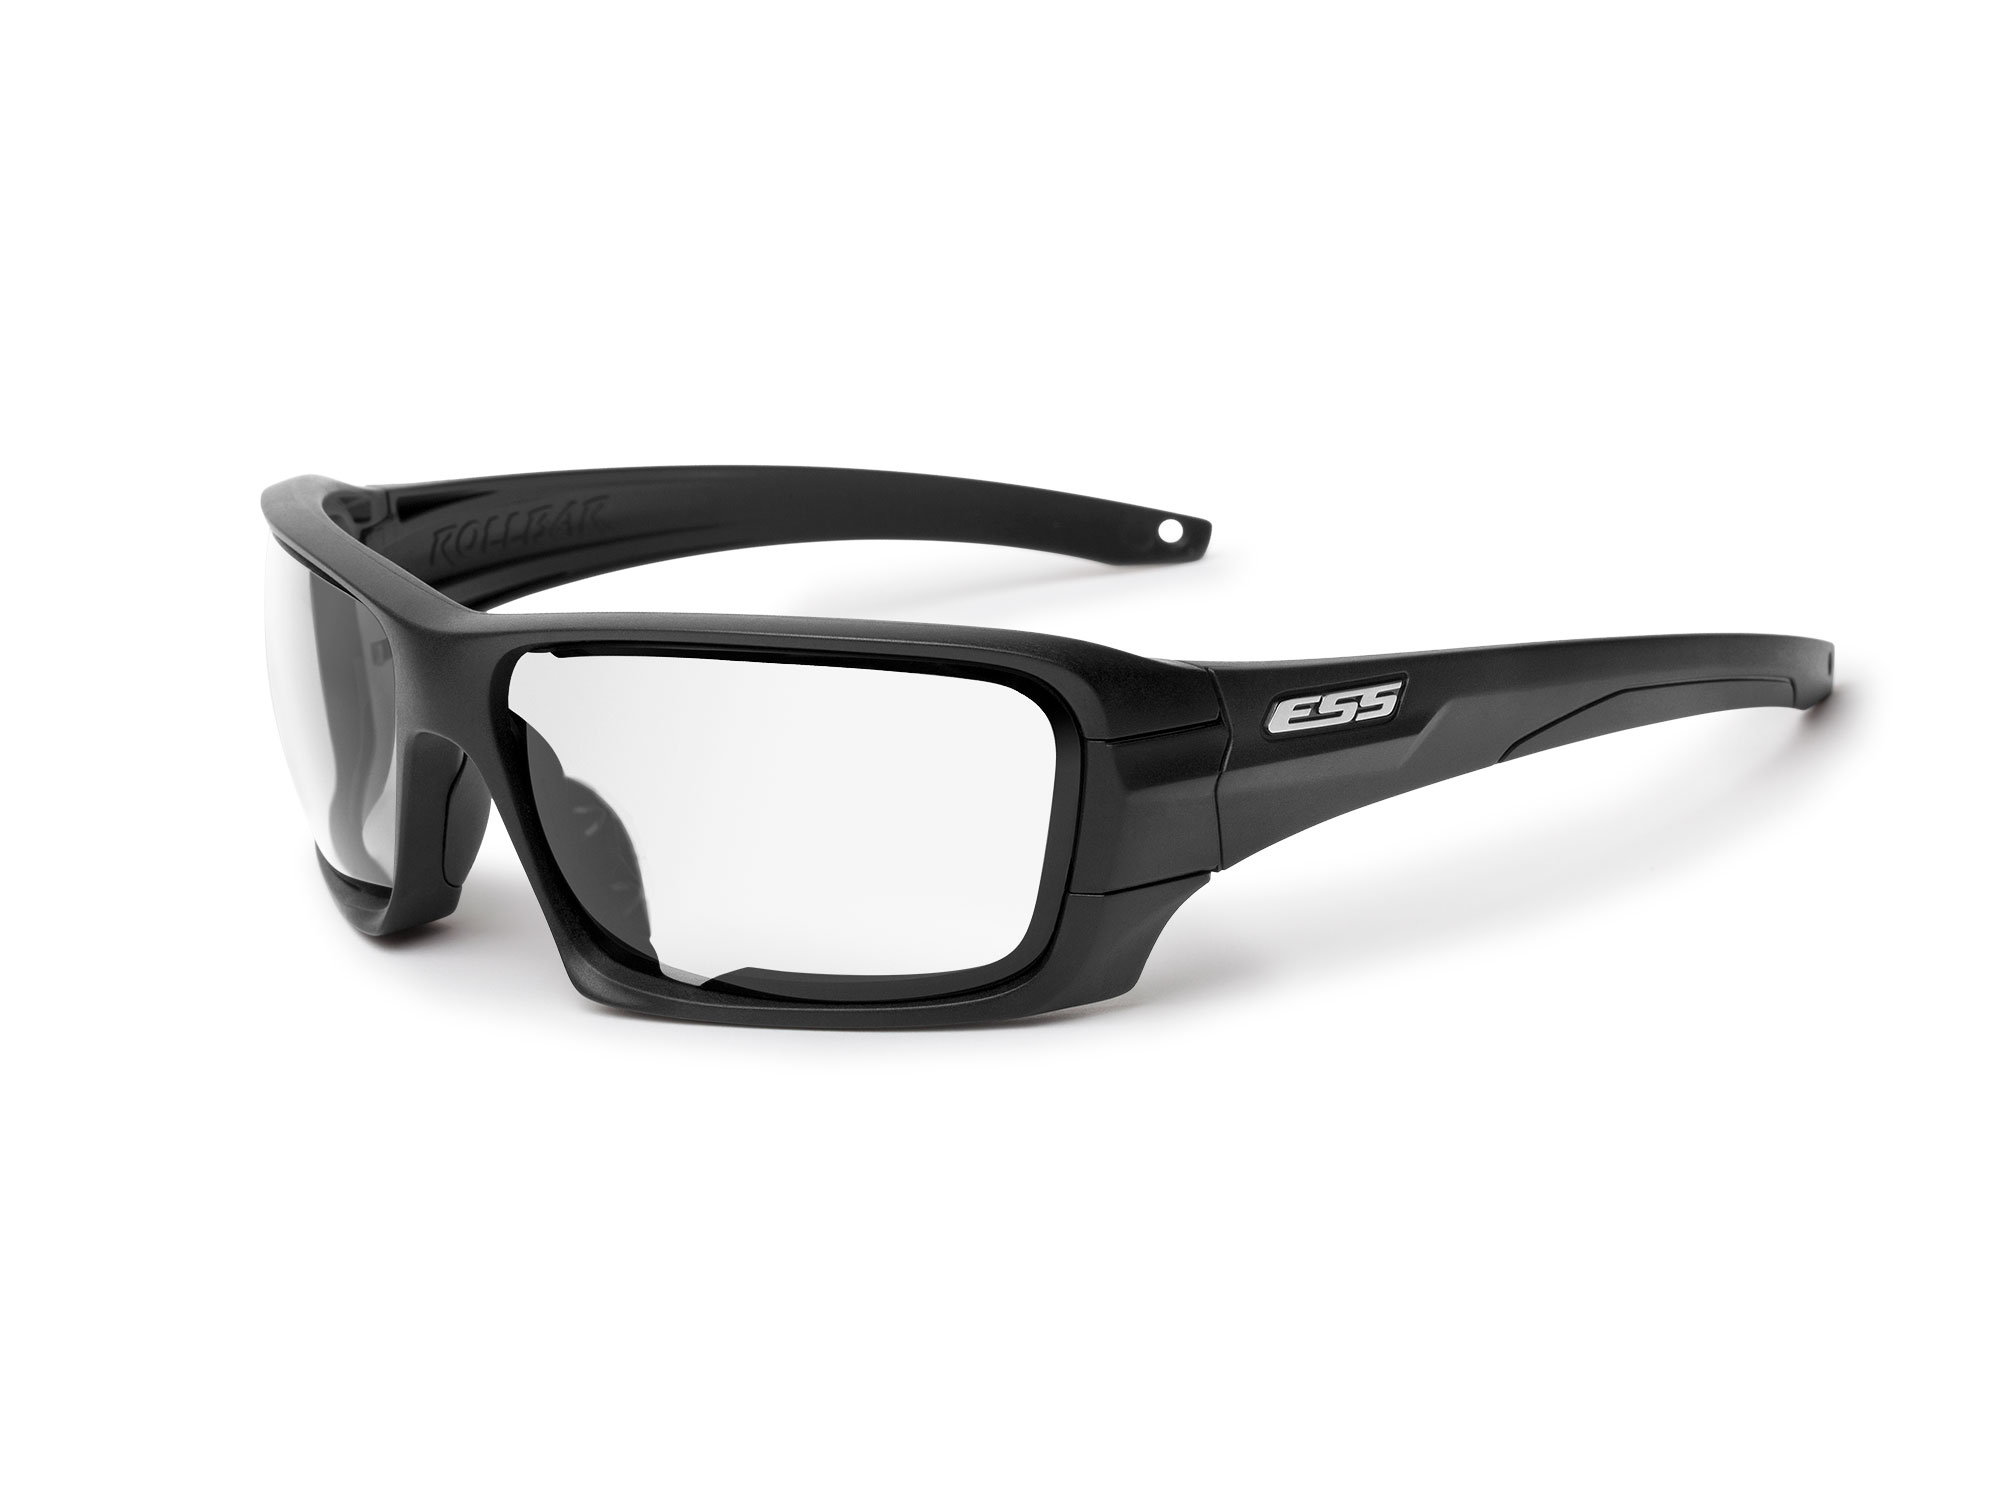 EE9018-03 フレーム:ブラック、レンズ:クリアー、スモークグレイ / シルバーLOGO